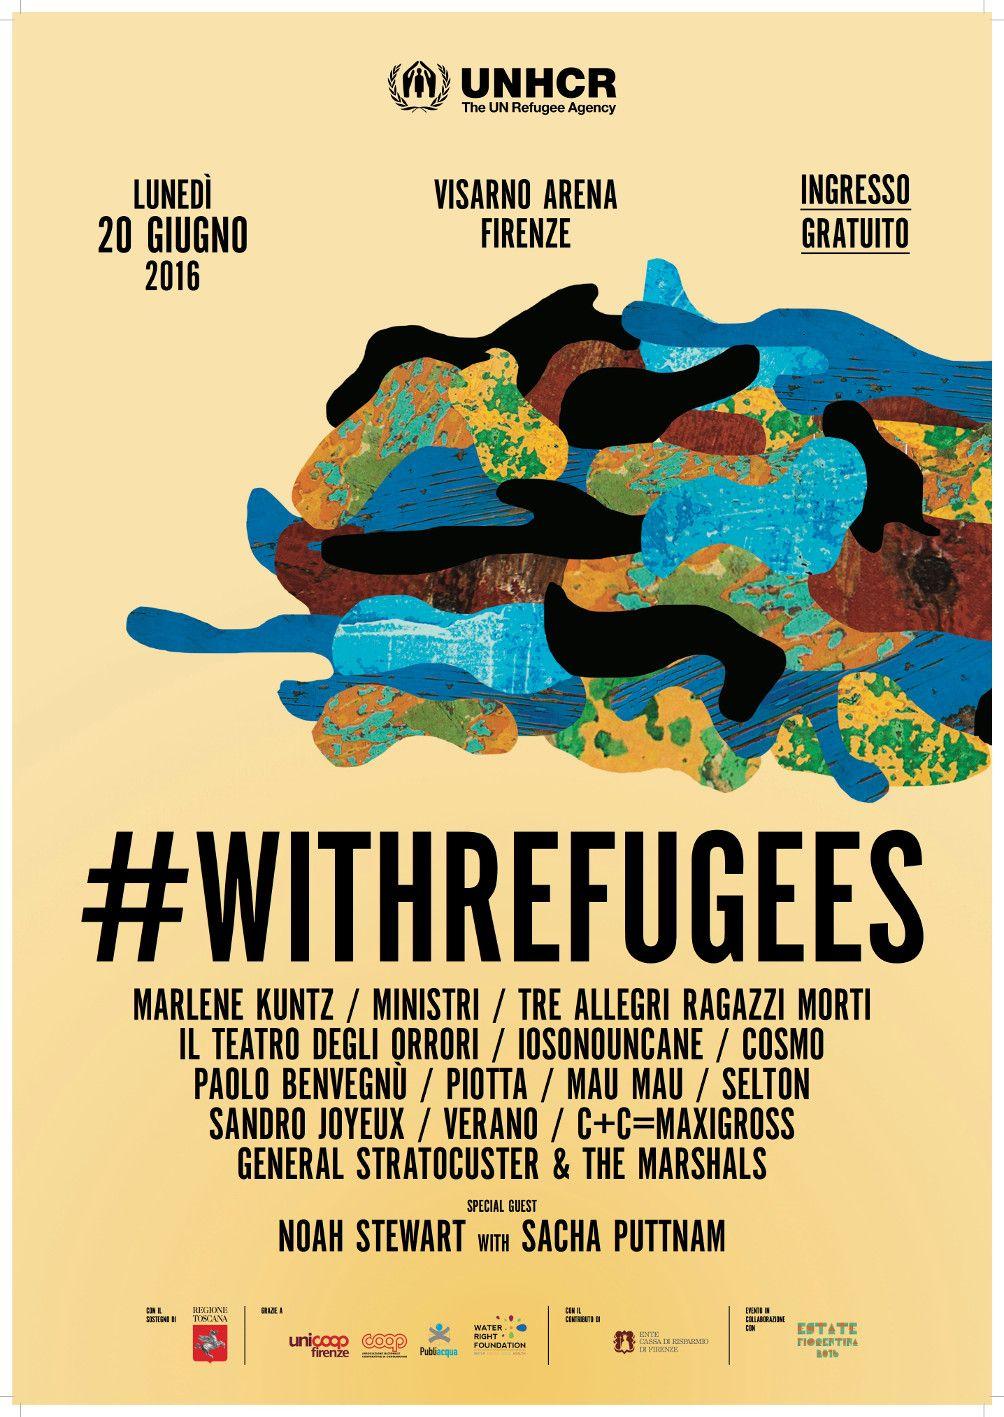 #WithRefugees – La musica indipendente a sostegno dei rifugiati